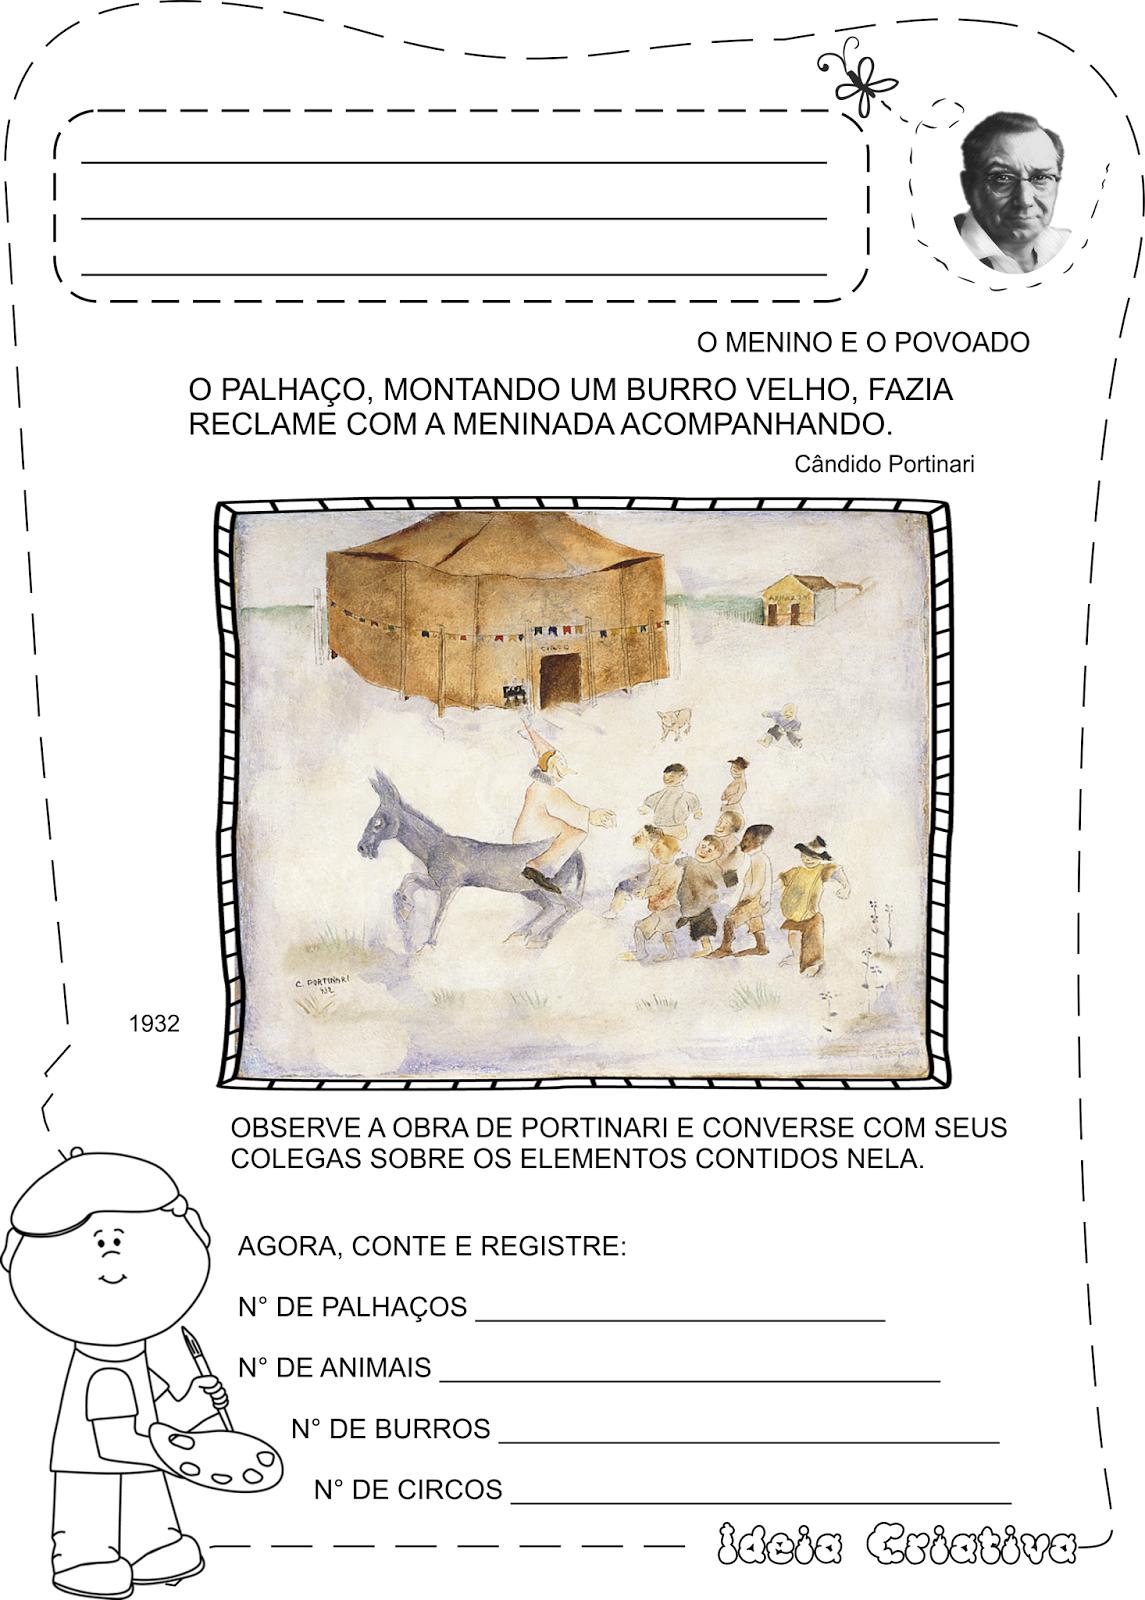 Atividades Cândido Portinari para Crianças O Menino e o Povoado Circo